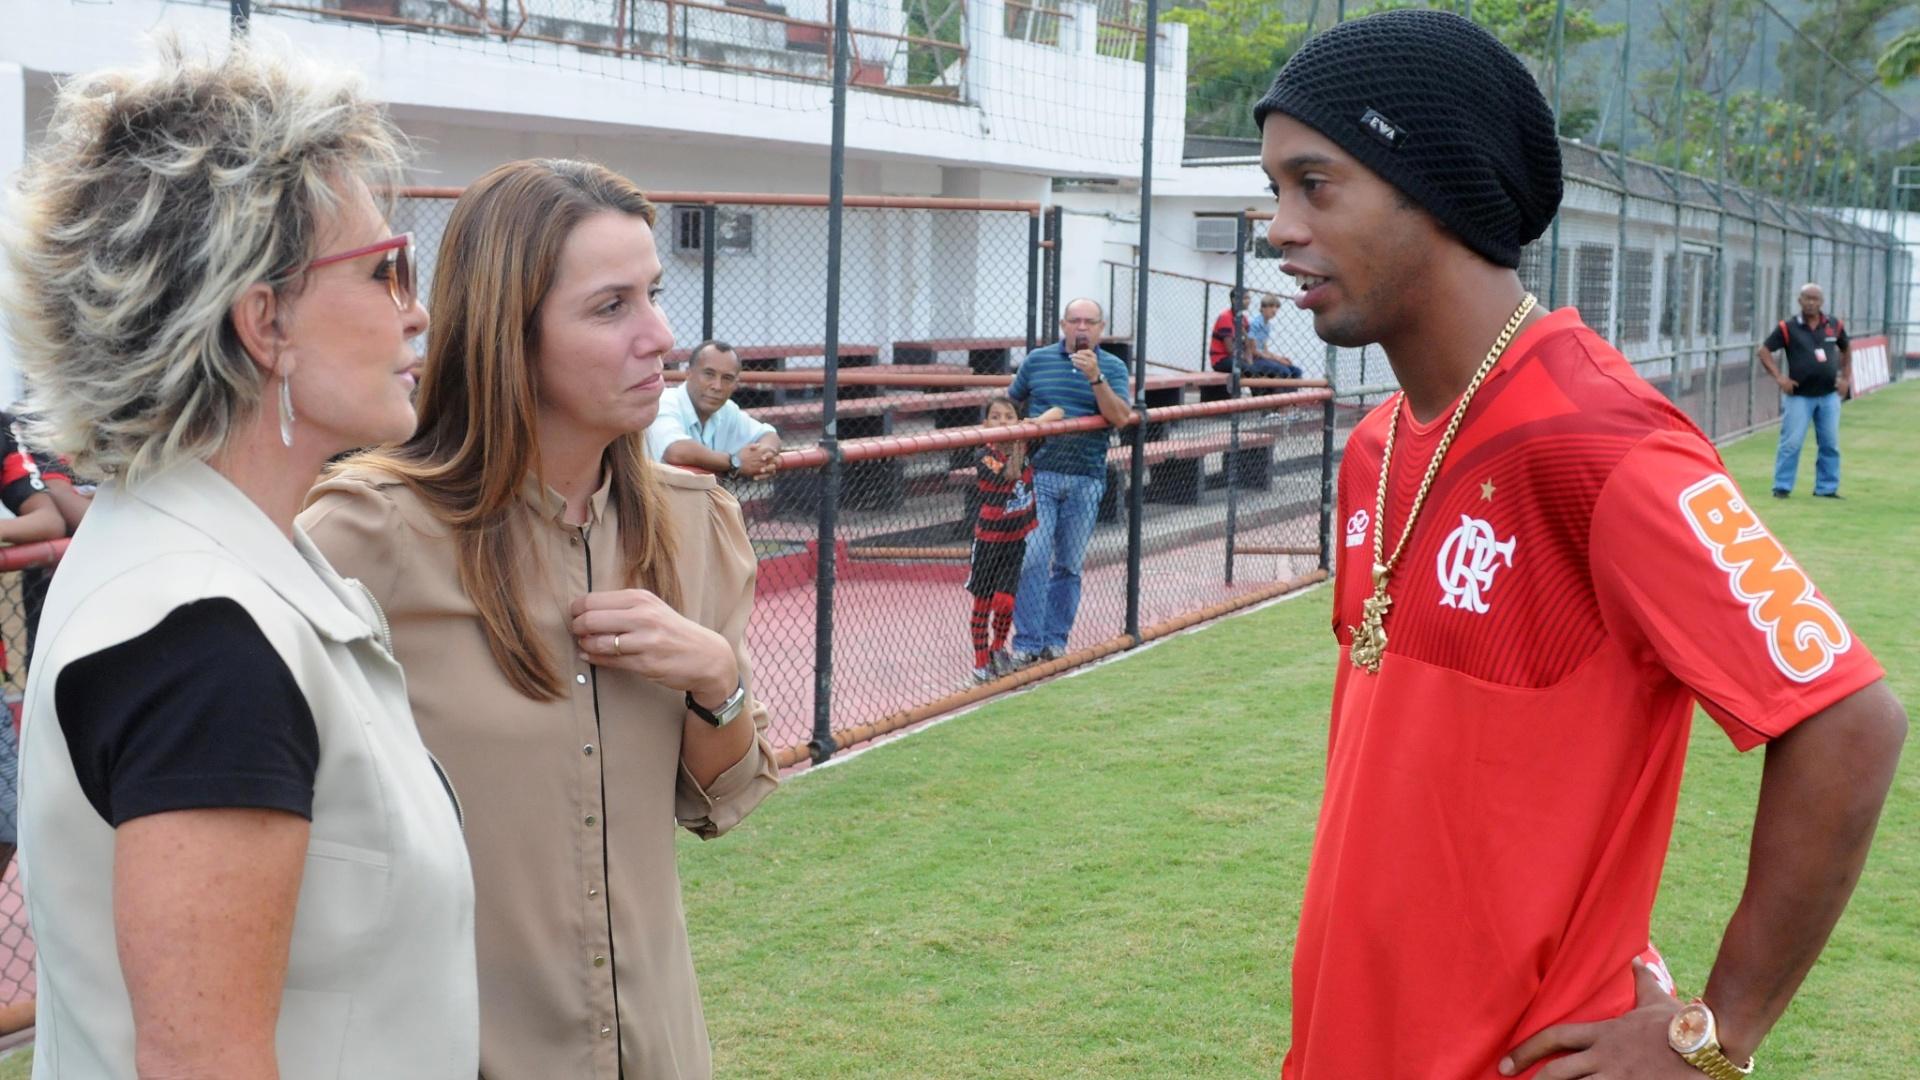 Ana Maria Braga e Patrícia Amorim conversam com Ronaldinho Gaúcho